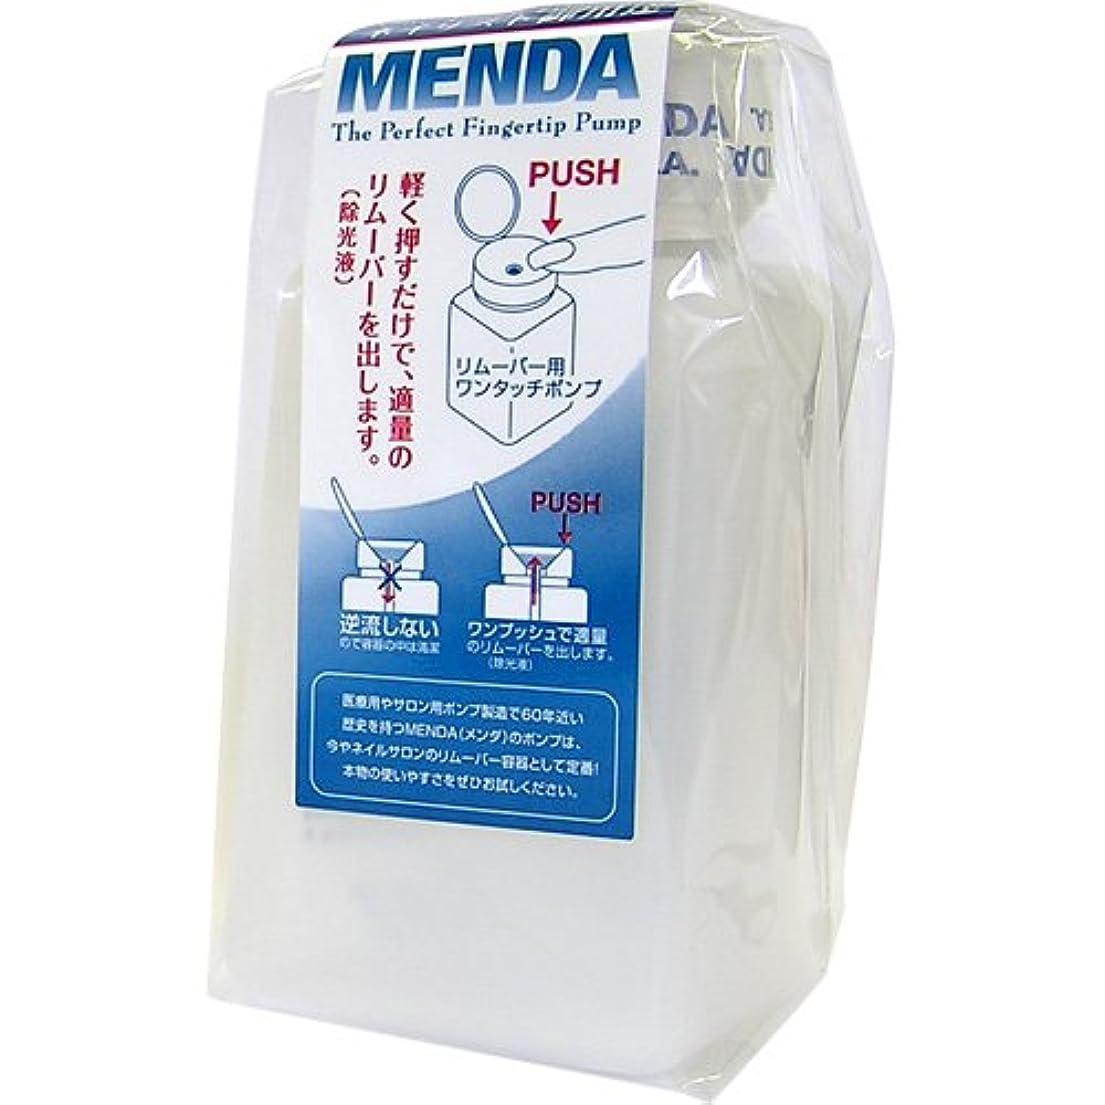 目的シーズンはがきメンダ<MENDA>リムーバー用ワンタッチポンプ180ml(6oz)